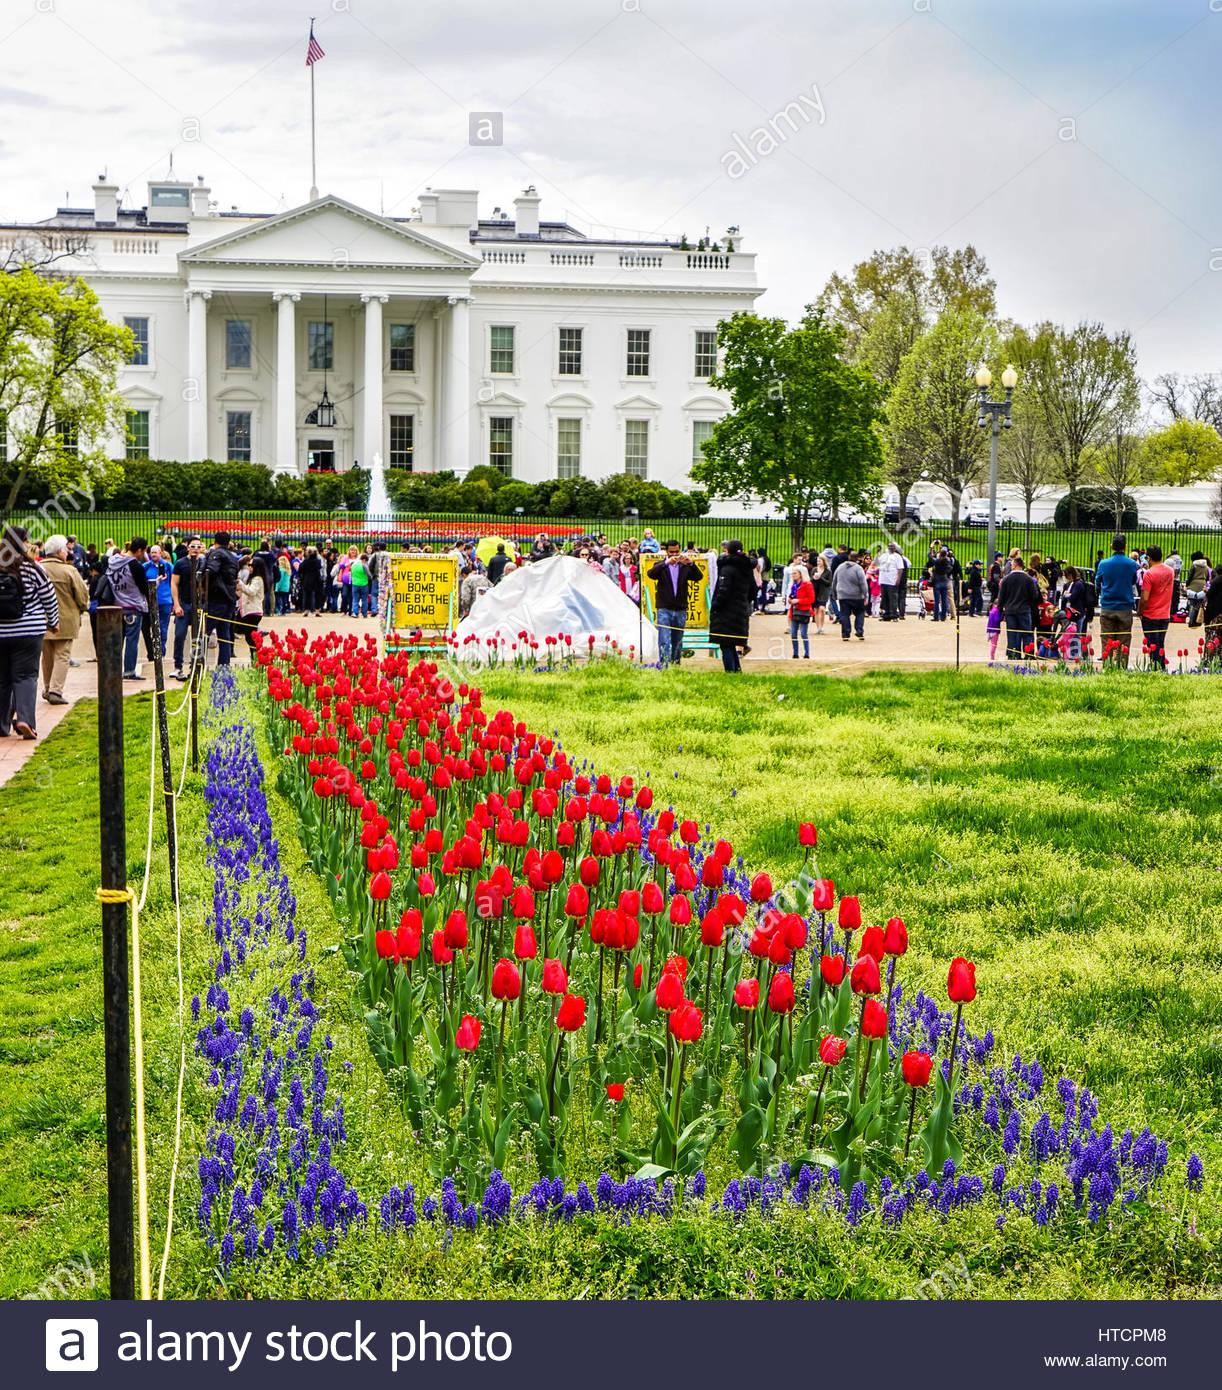 White house peace vigil stock photos white house peace vigil stock washington dc white house flowers usa tent stock image mightylinksfo